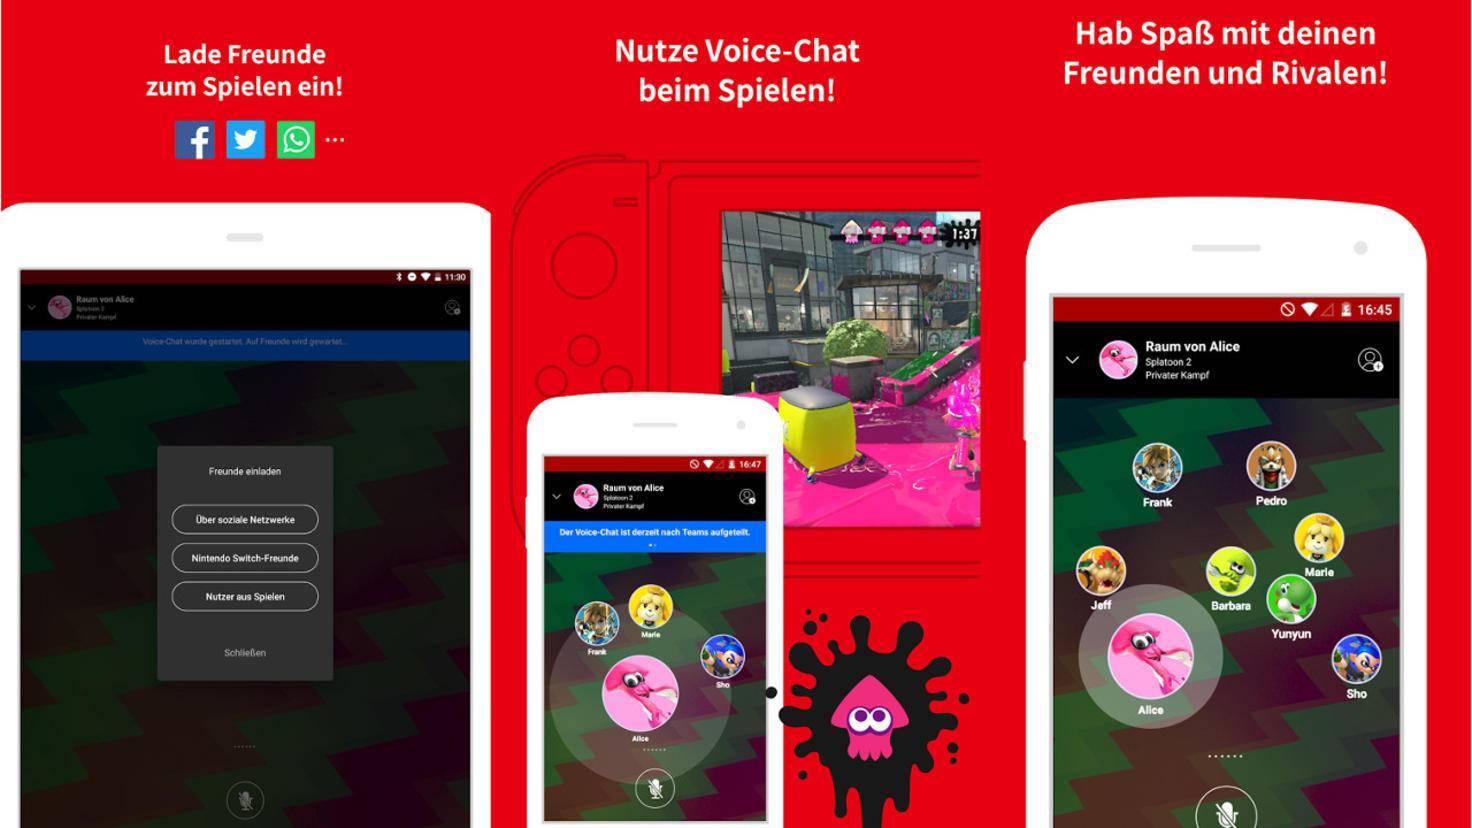 """Nintendo bewirbt seine Online-App als Kommunikationskanal zwischen Spielern von Multiplayer-Games wie """"Splatoon 2""""."""